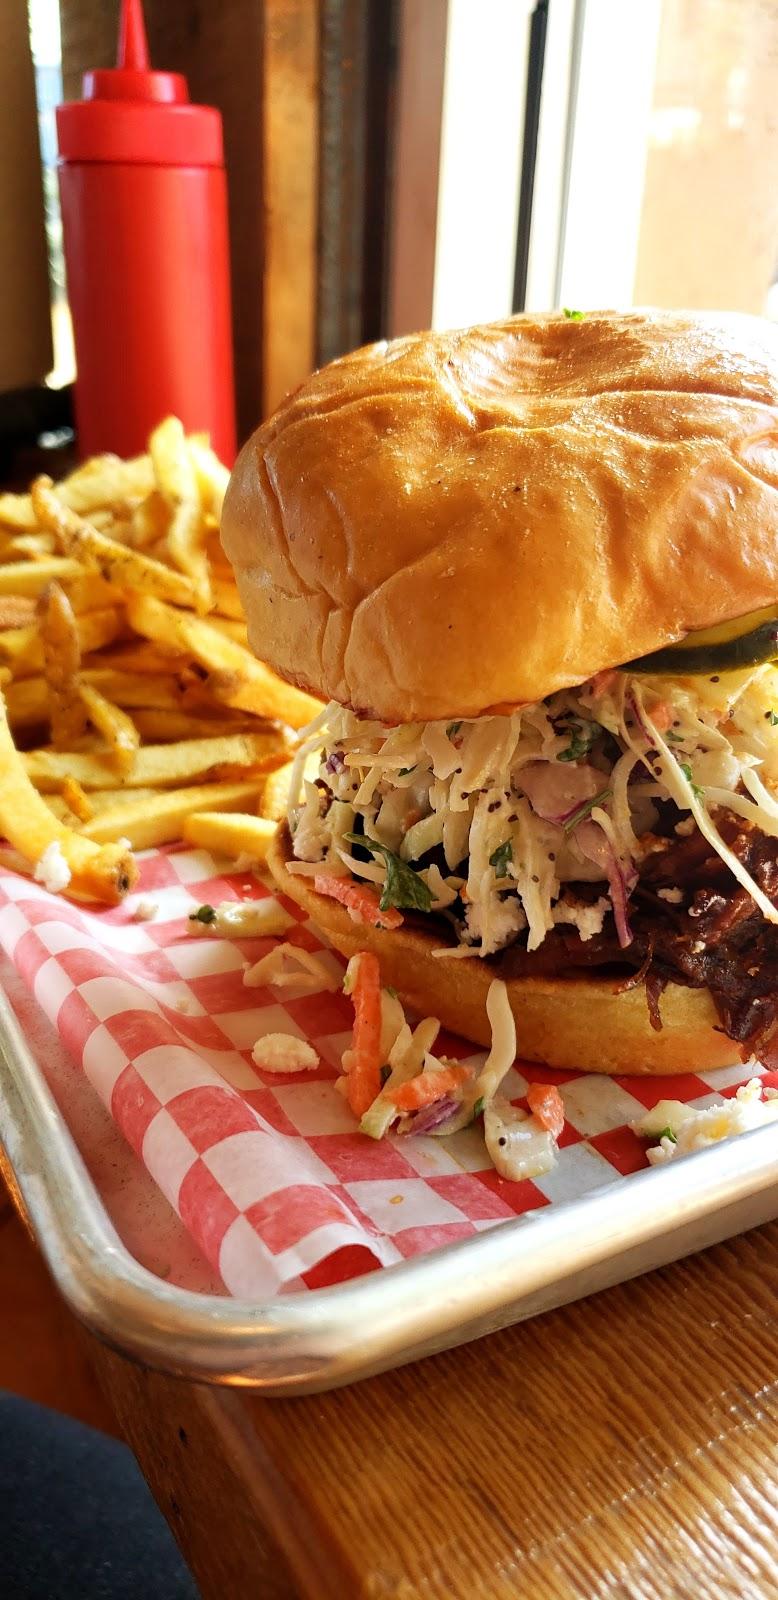 Jones Bar-B-Que | restaurant | 1725 Cook St, Victoria, BC V8T 3P4, Canada | 7782654227 OR +1 778-265-4227